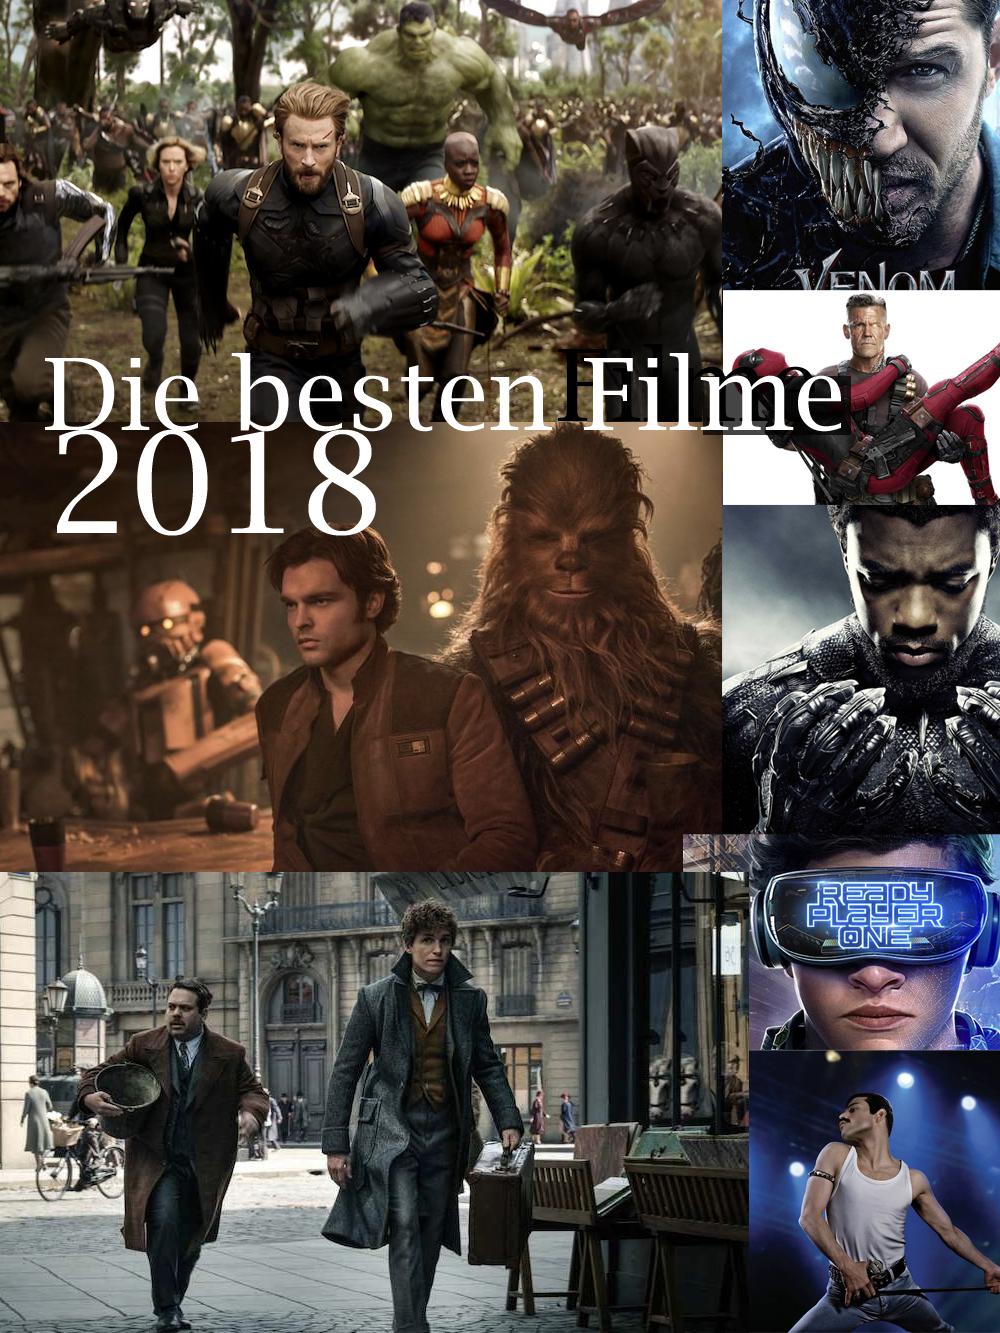 Beste neue Filme 2018! Thriller, Action, Fantasy, Drama